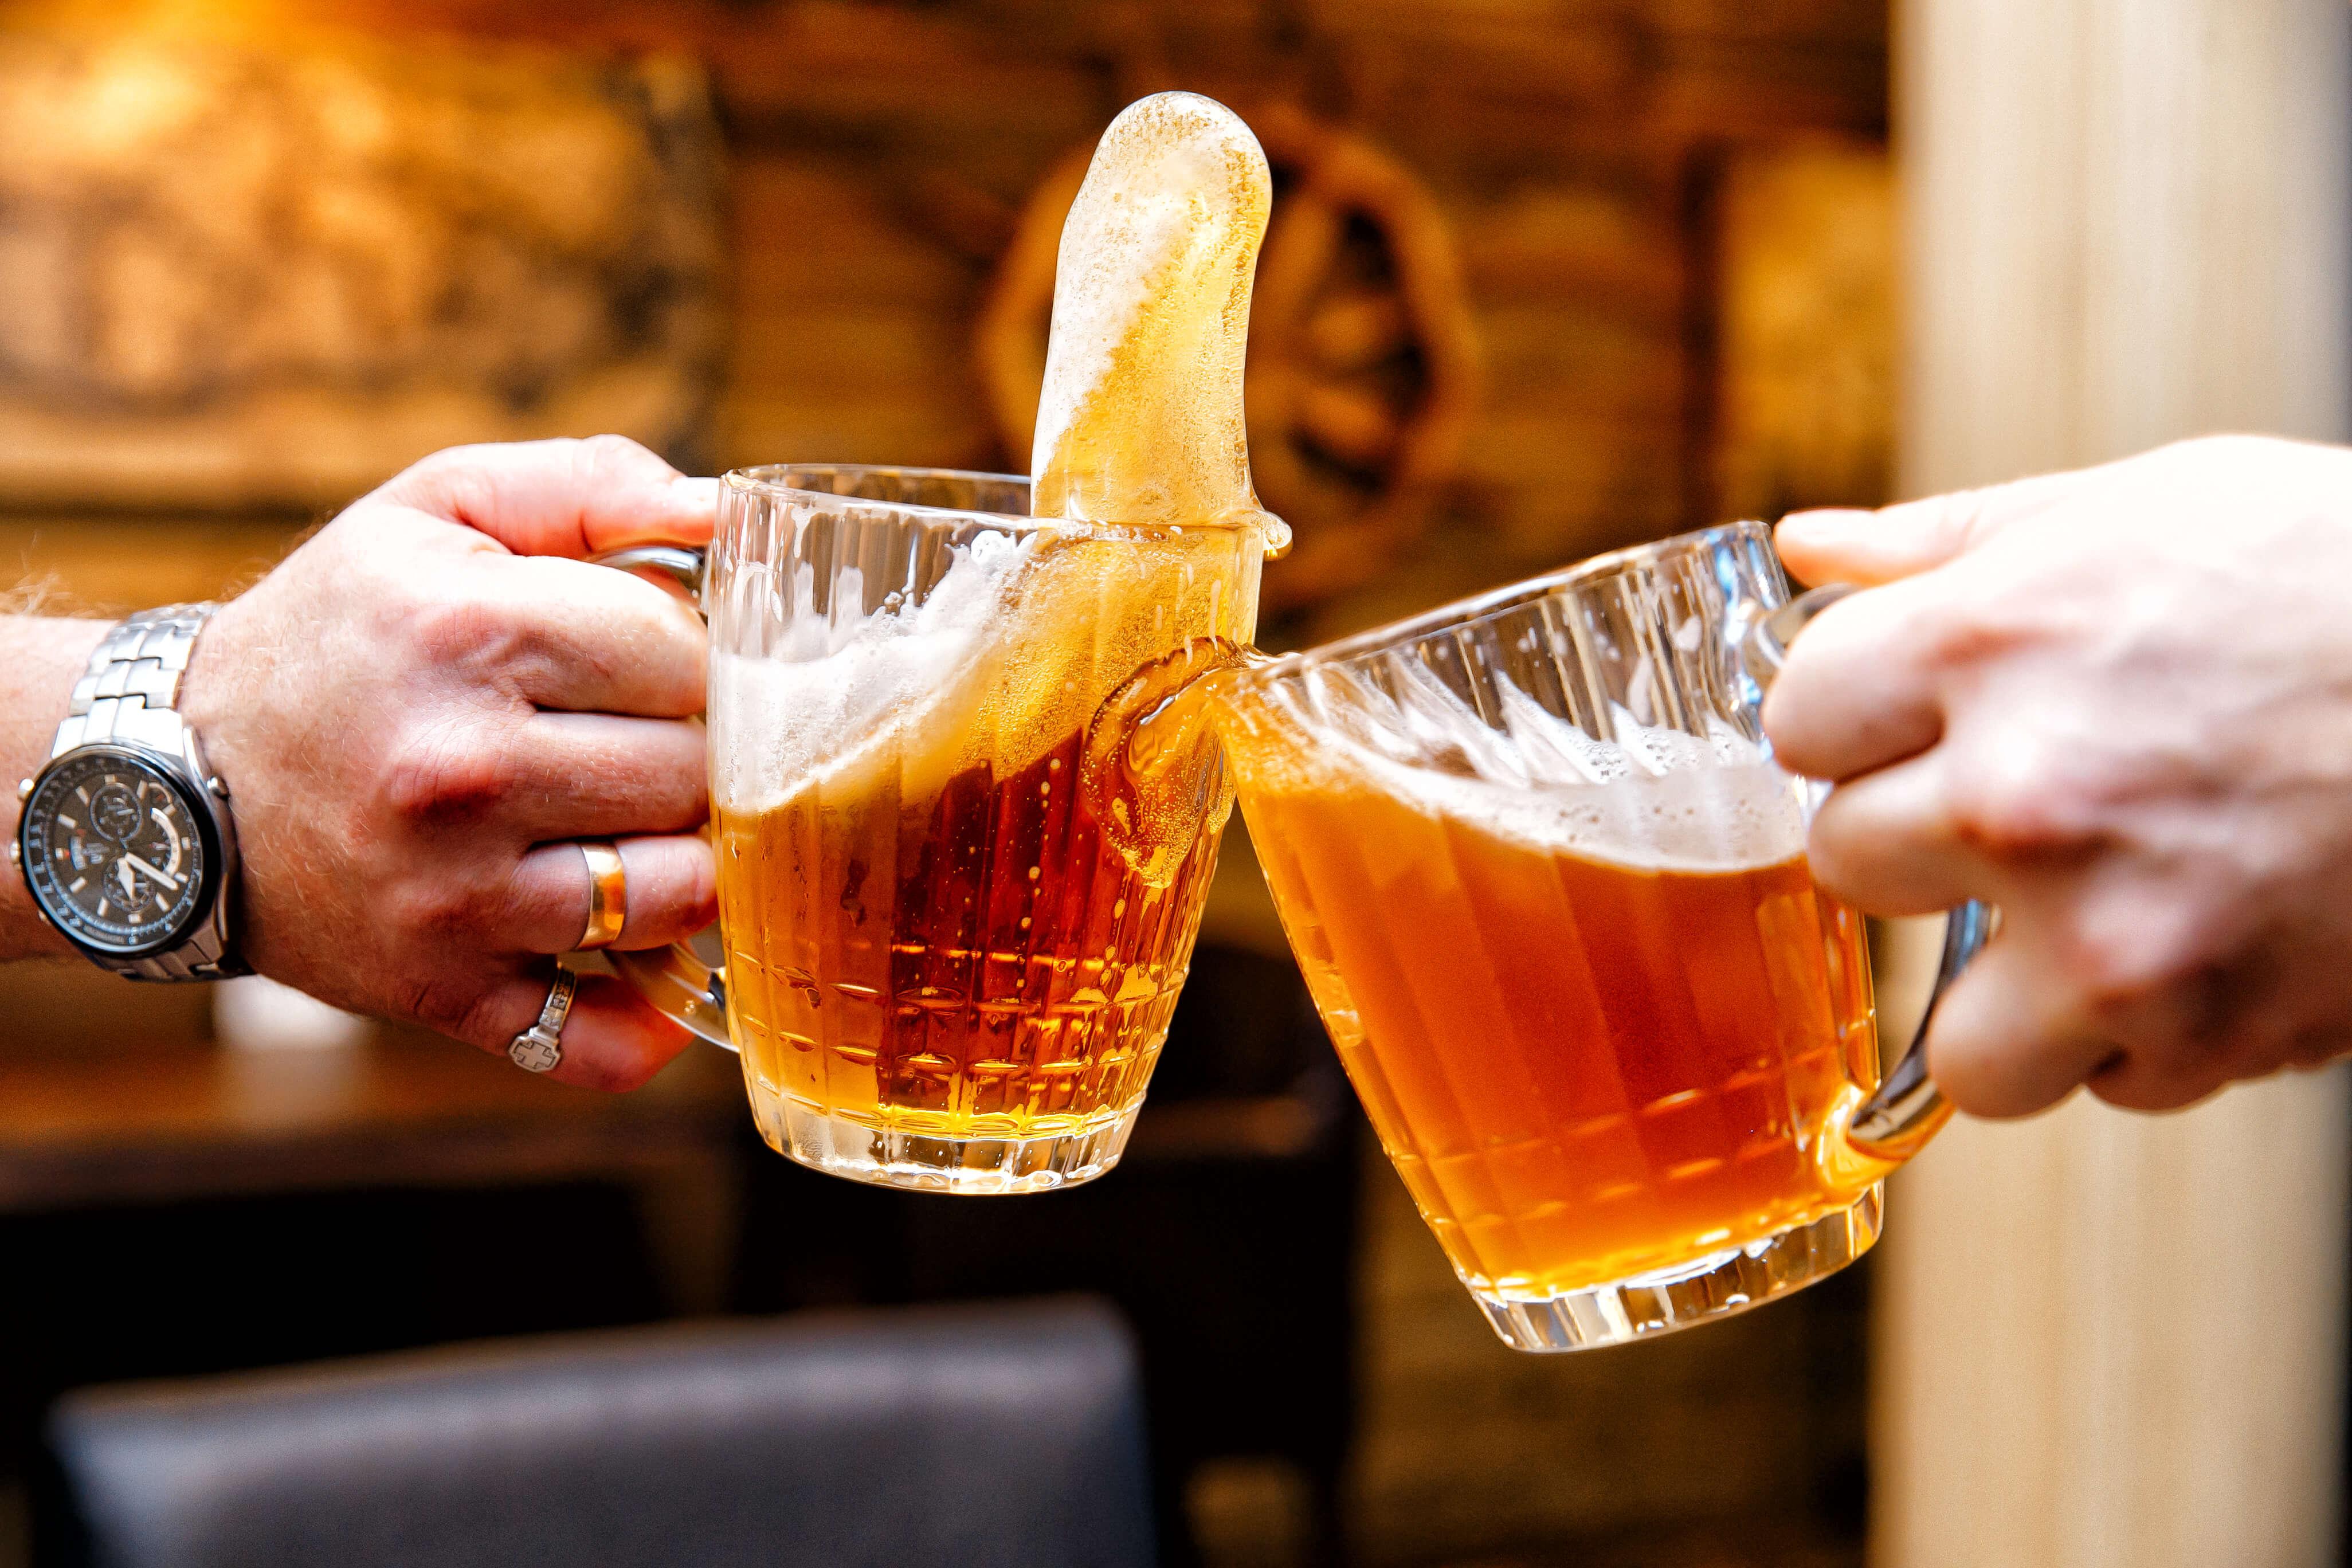 Цены на пиво повысятся, несмотря на «не сезон», Цена, Пиво, Повышение